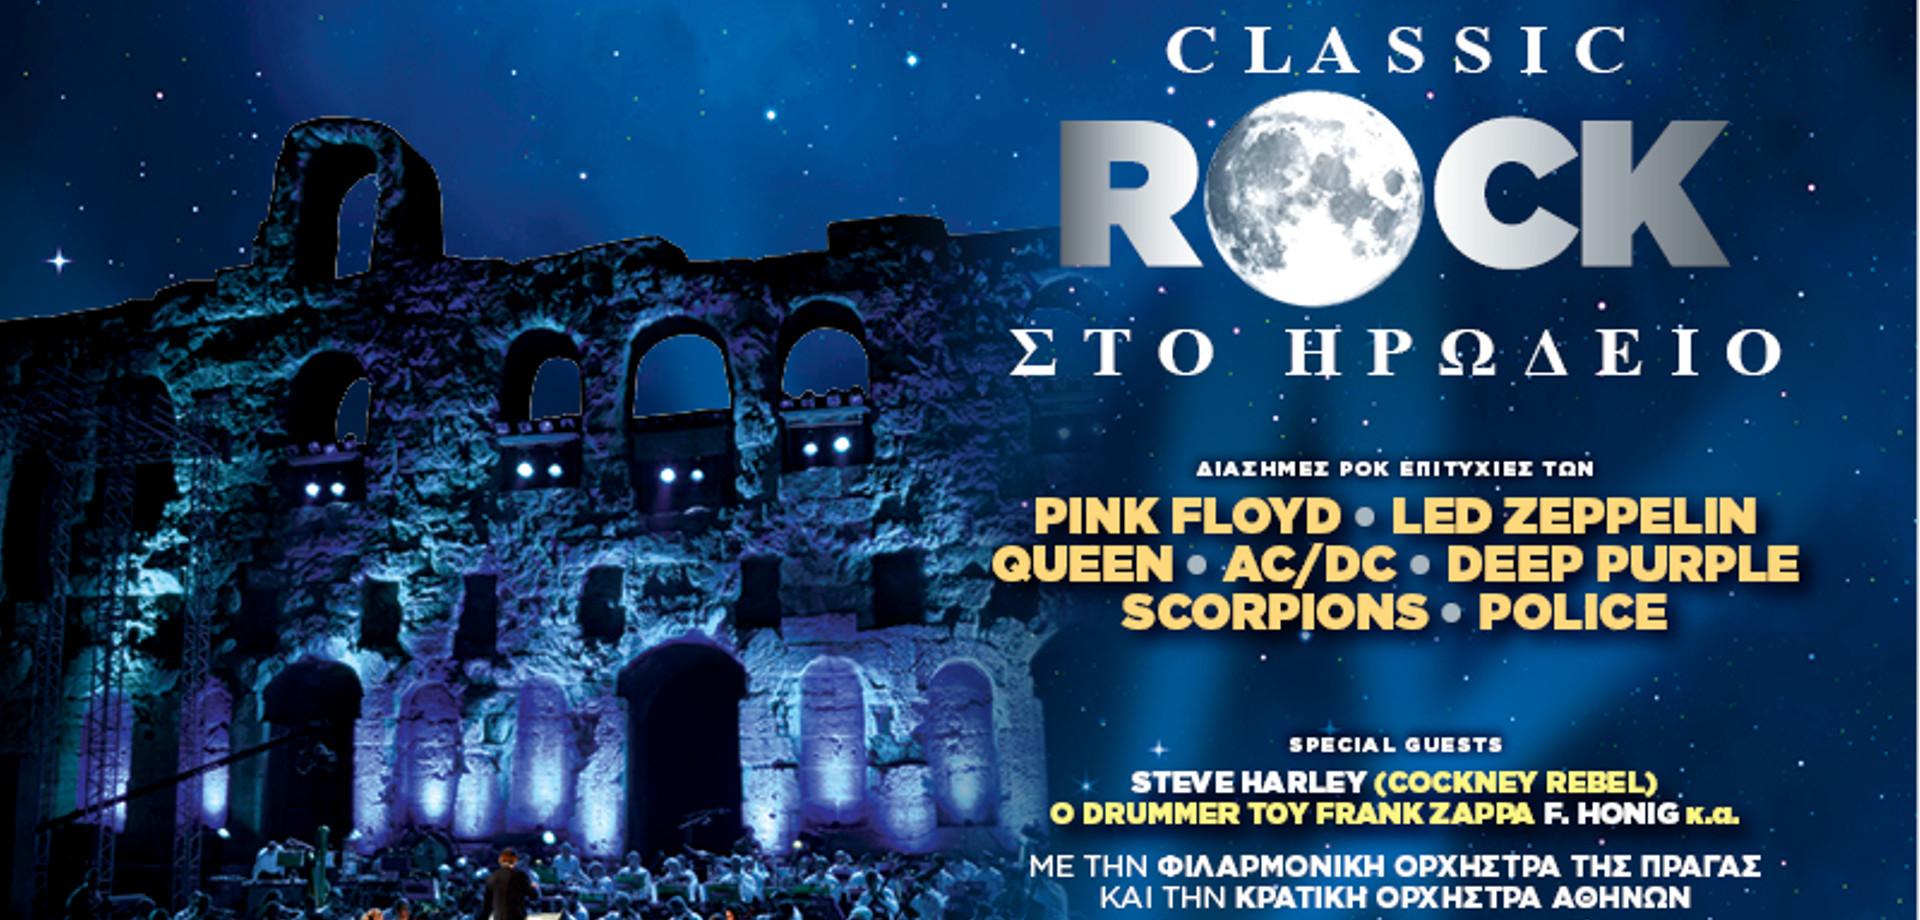 Classic Rock 22 Σεπτεμβρίου στο Ηρώδειο